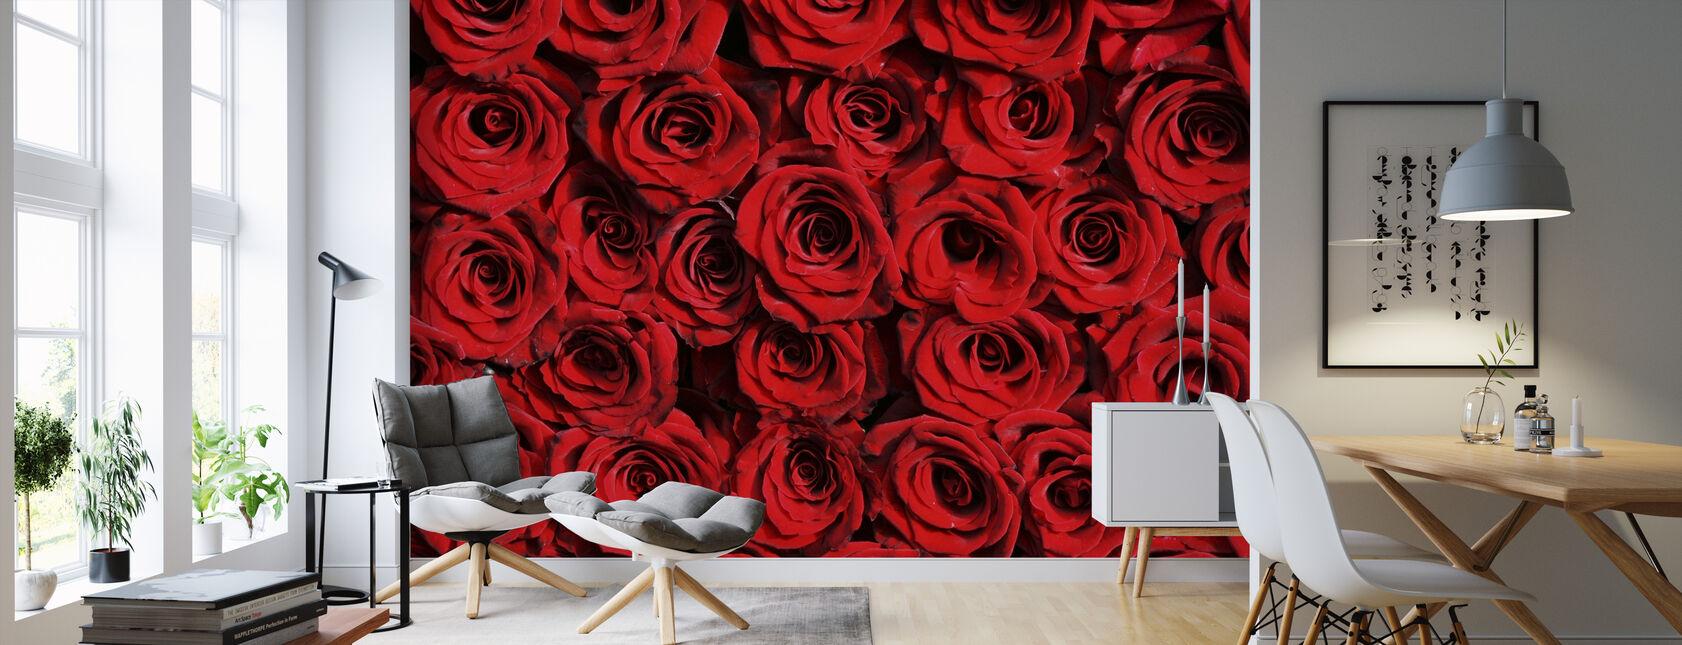 Red roses - Wallpaper - Living Room